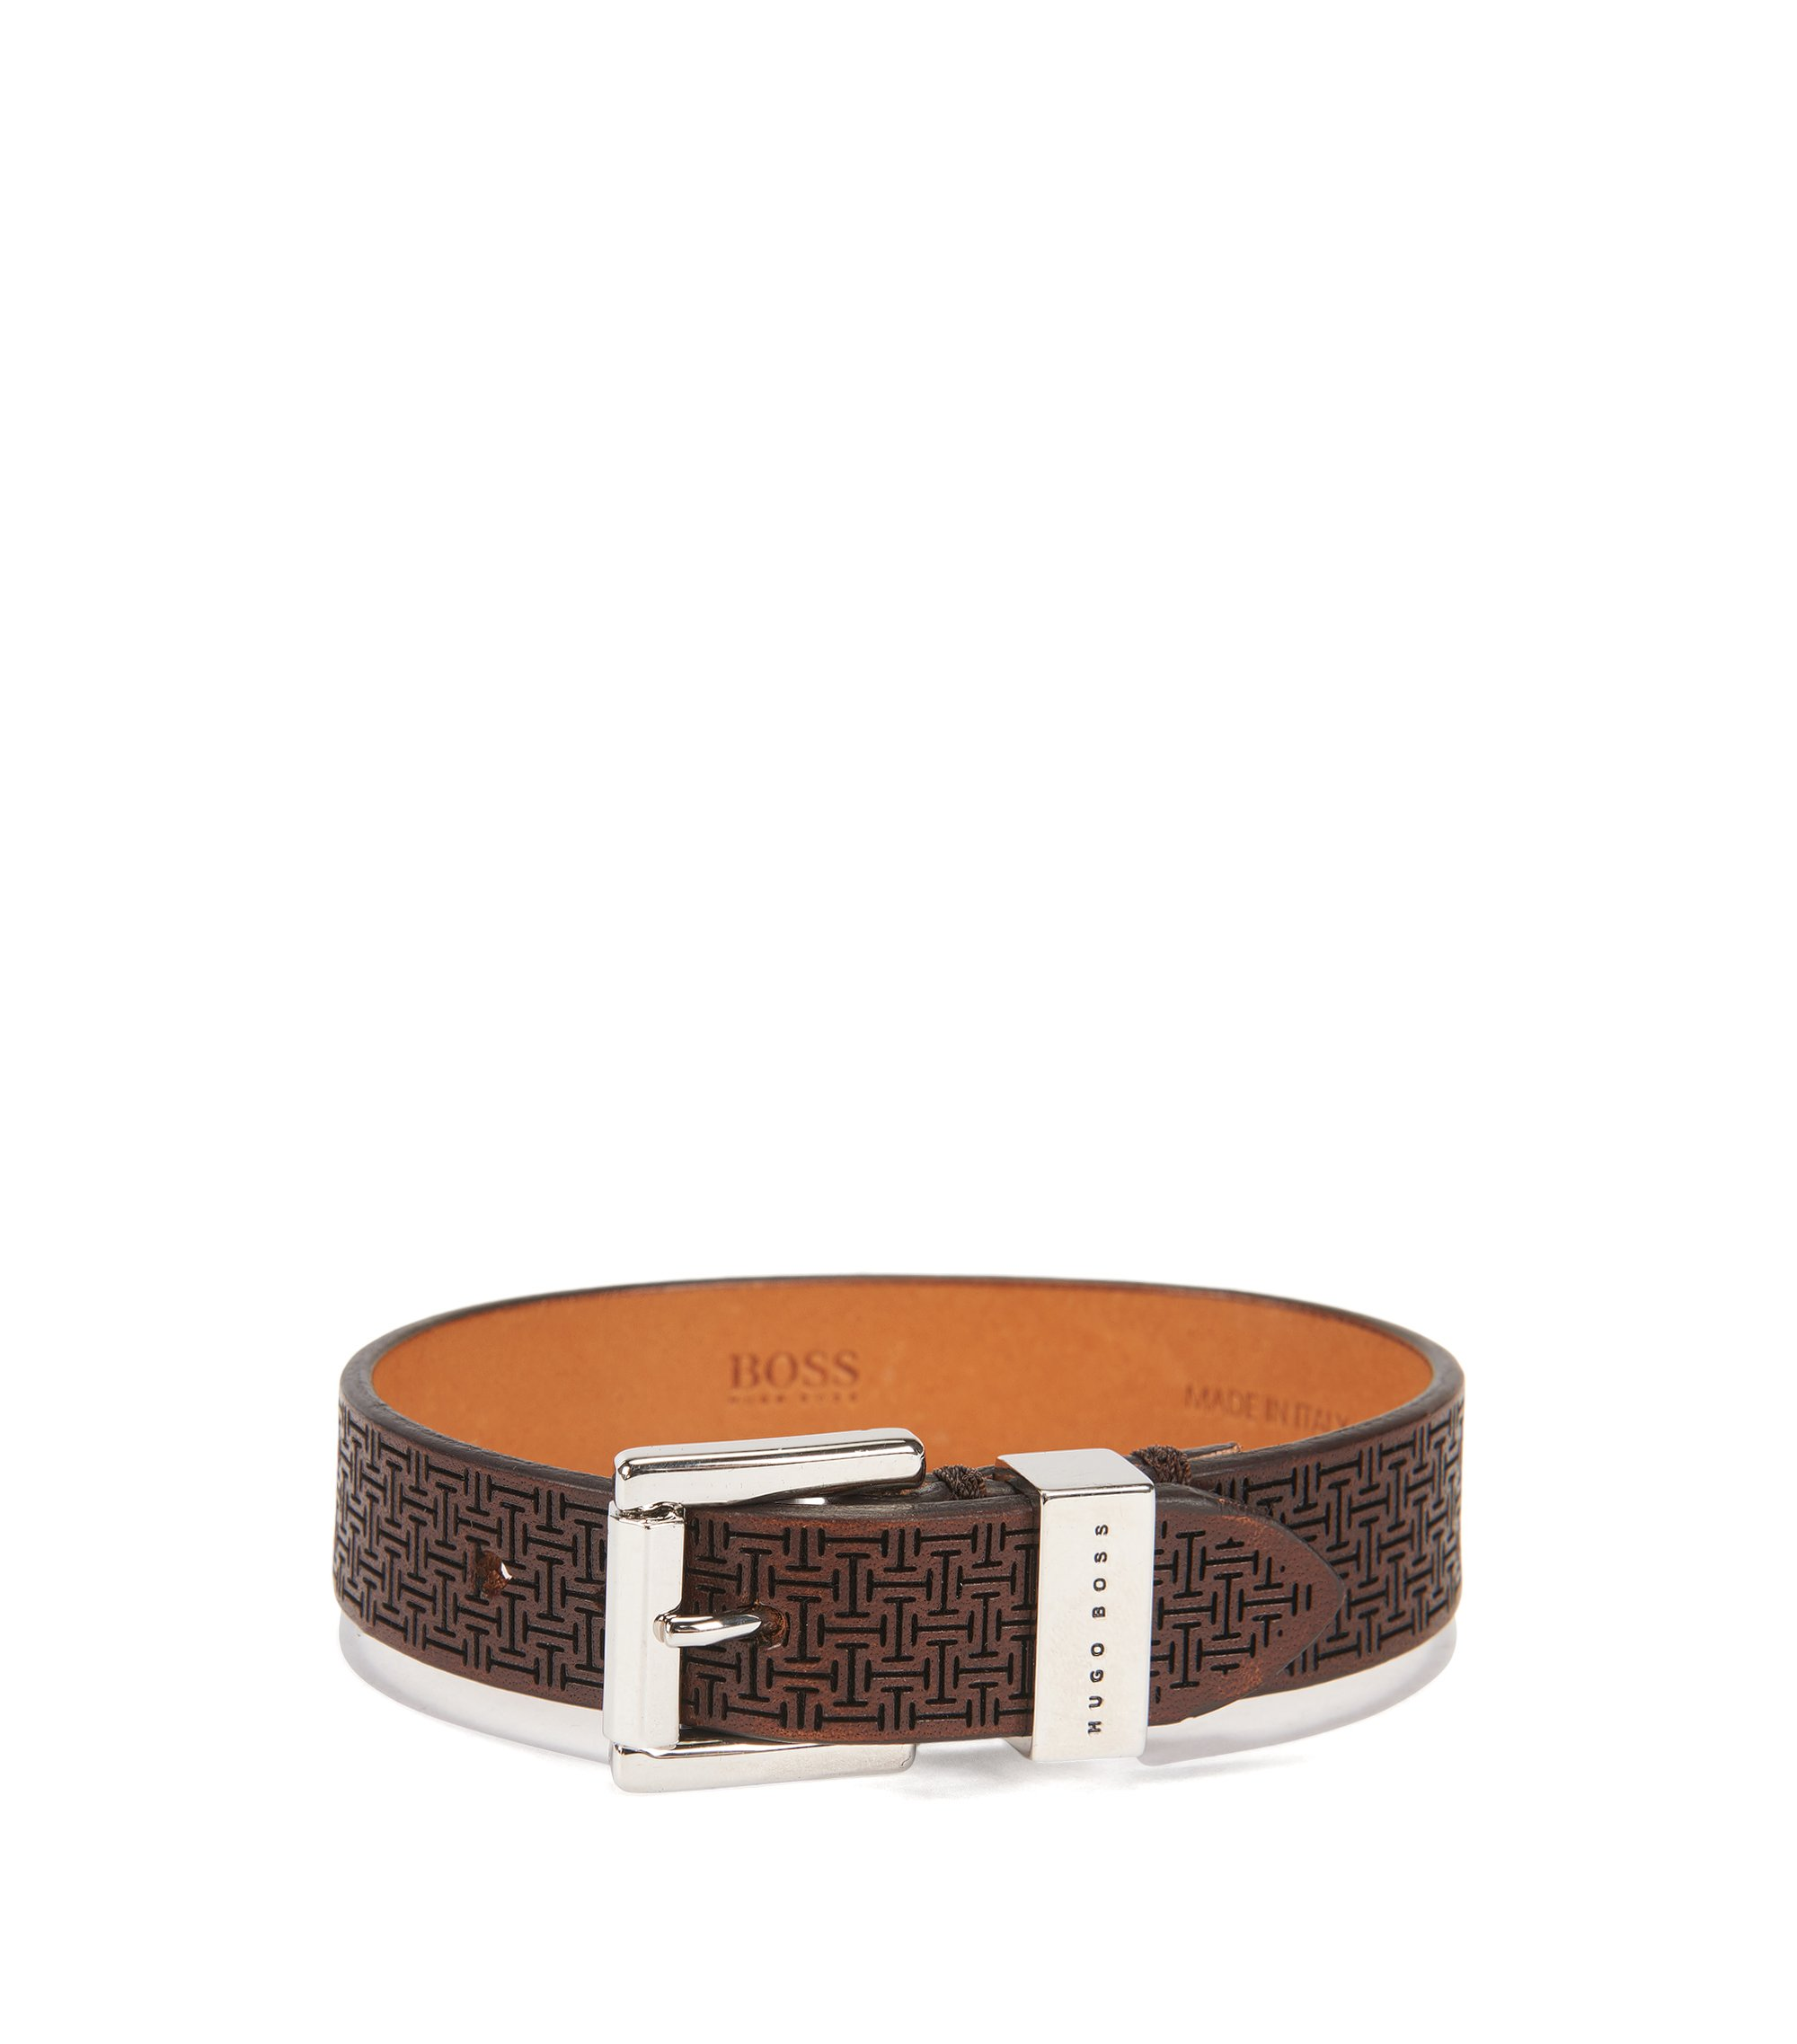 Armband aus edlem Leder mit gelasertem Muster, Dunkelbraun